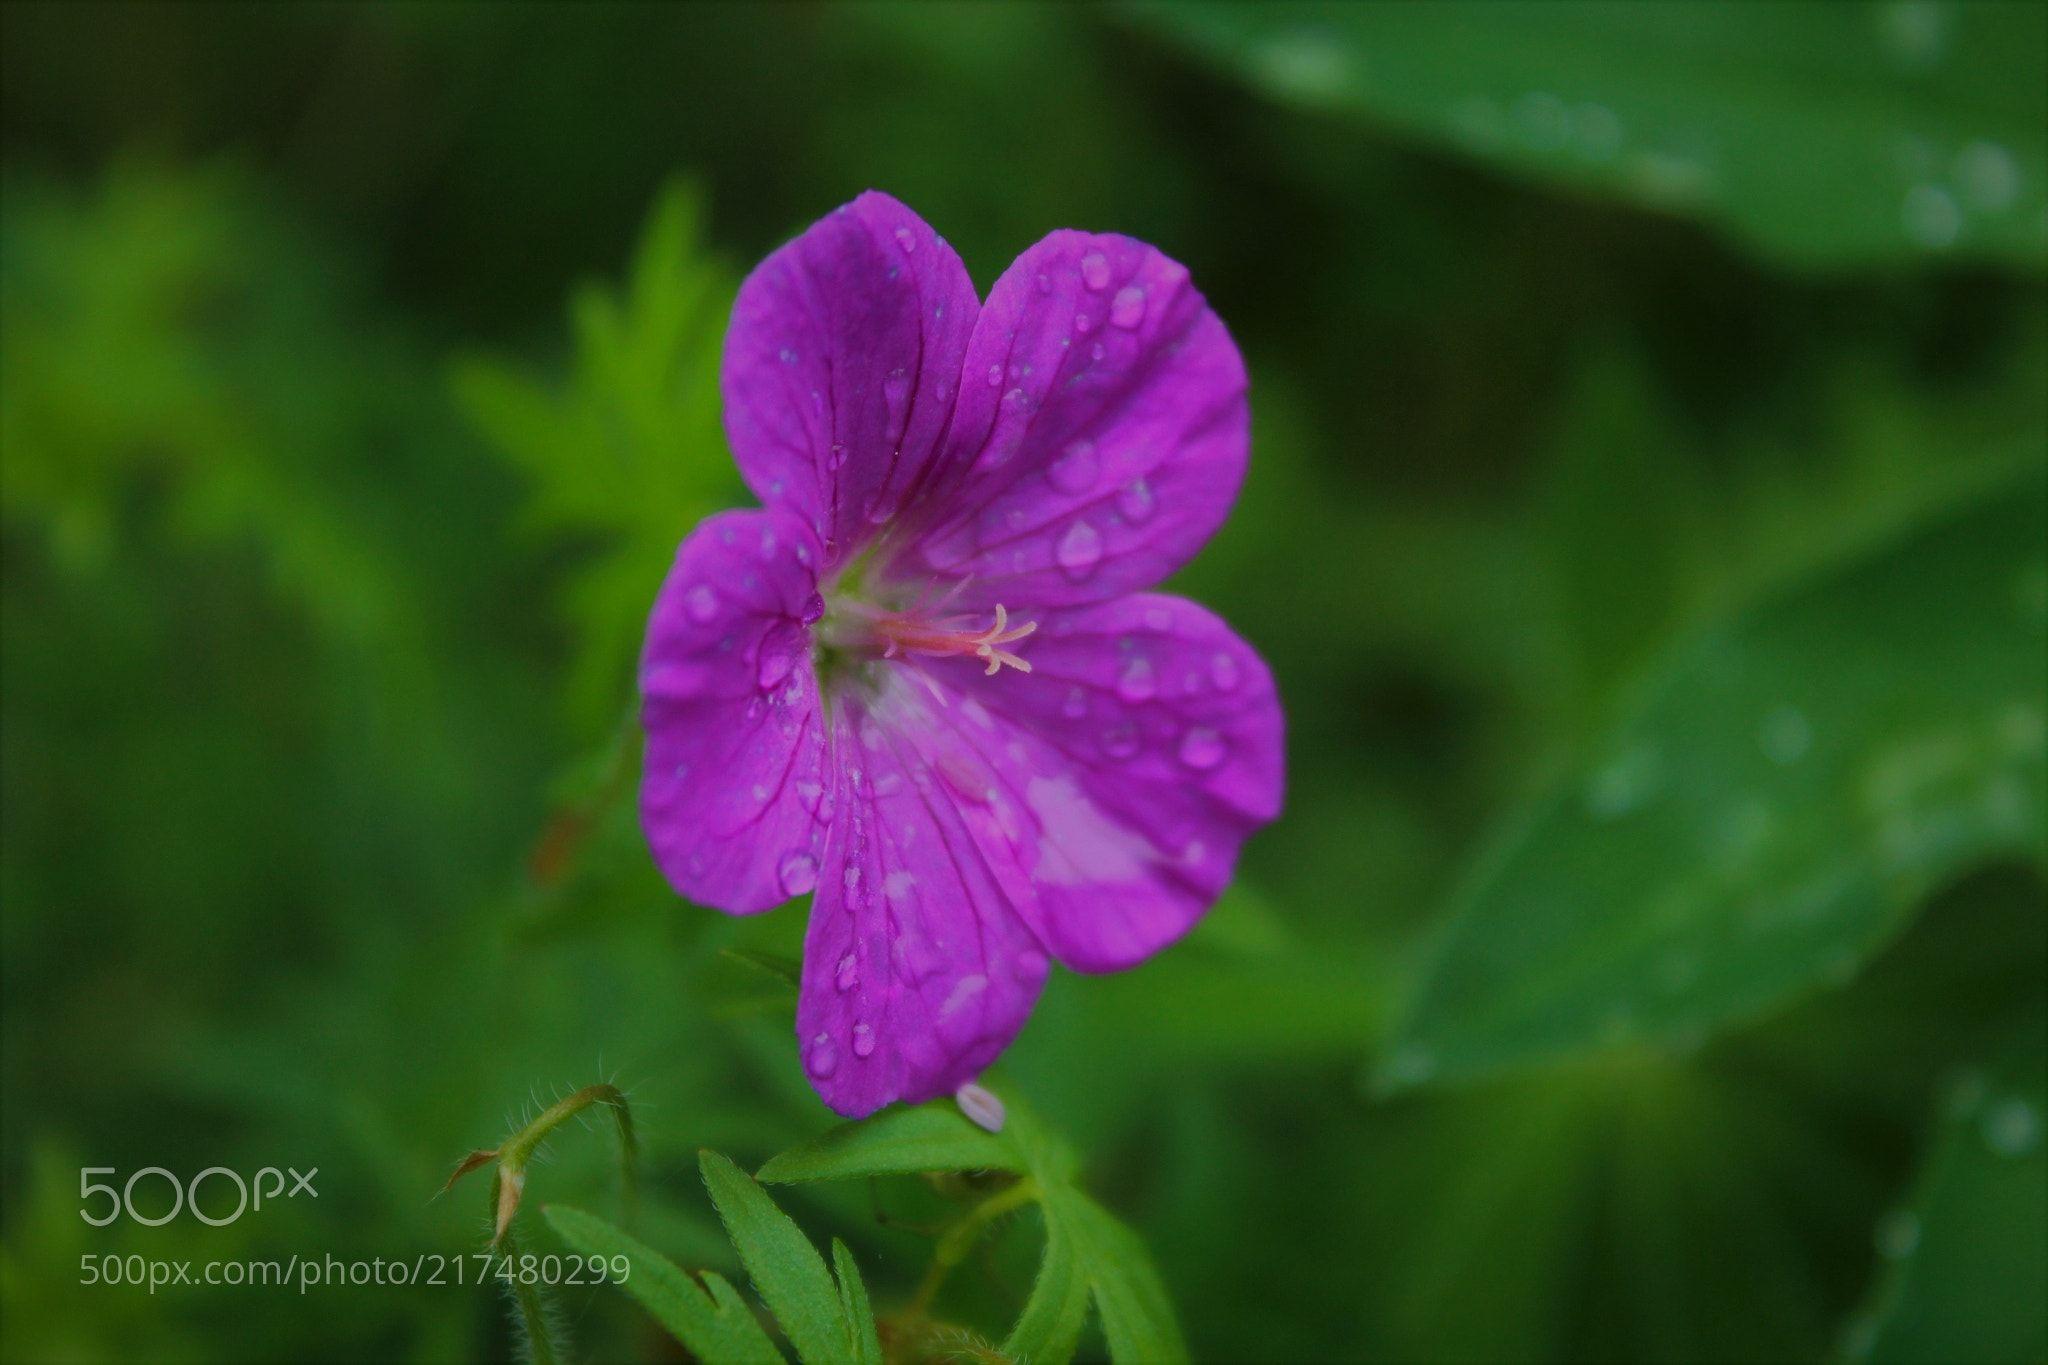 Purple Flower In Green Grass Jake Pause Minsk Belarus Canon